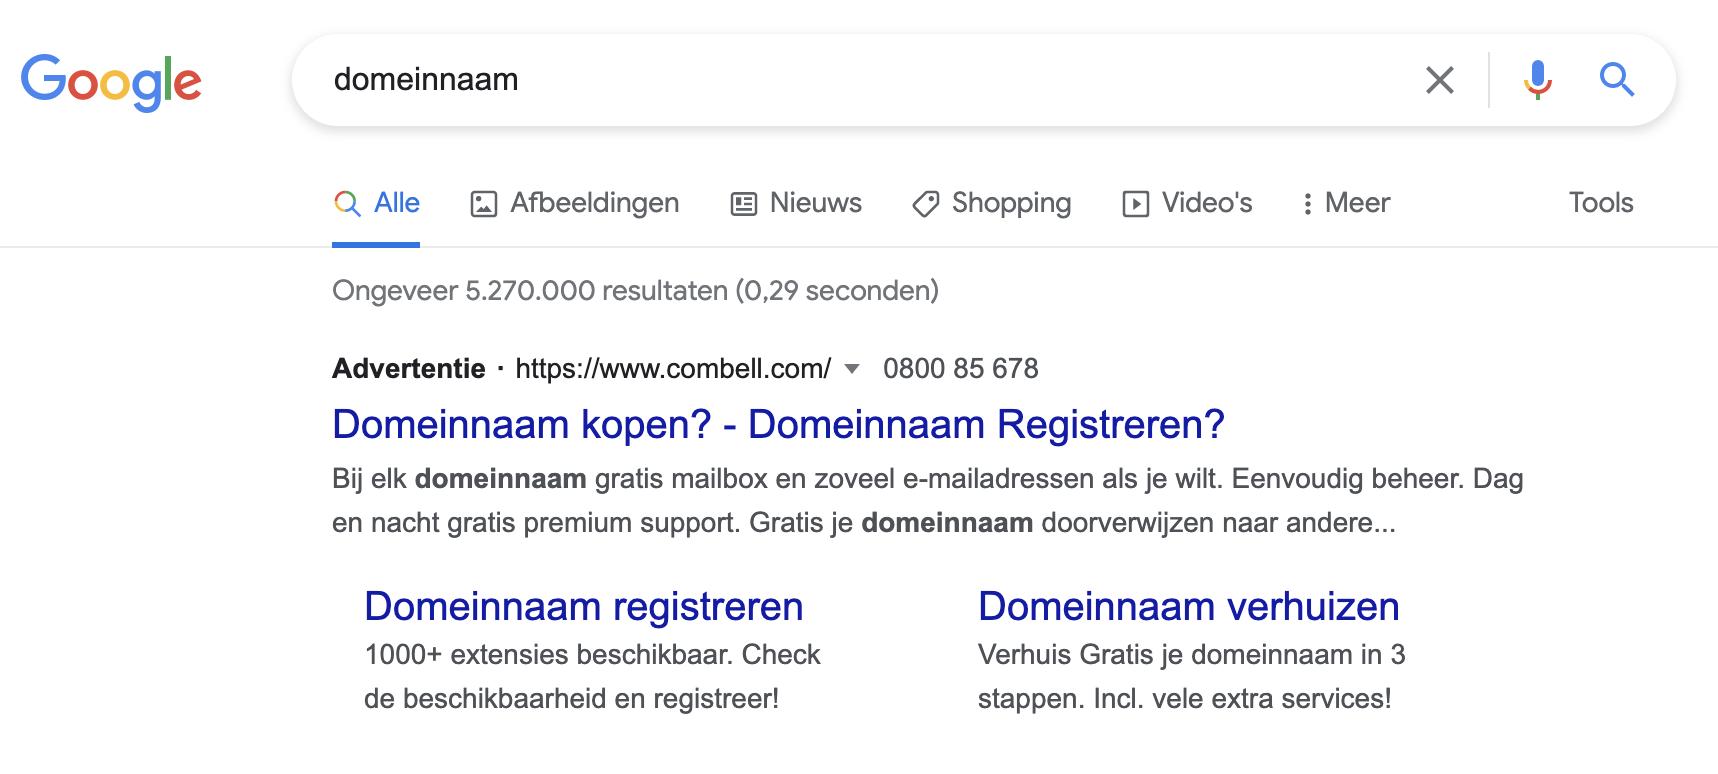 Google Reviews zijn heel belangrijk om vertrouwen te ontwikkelen